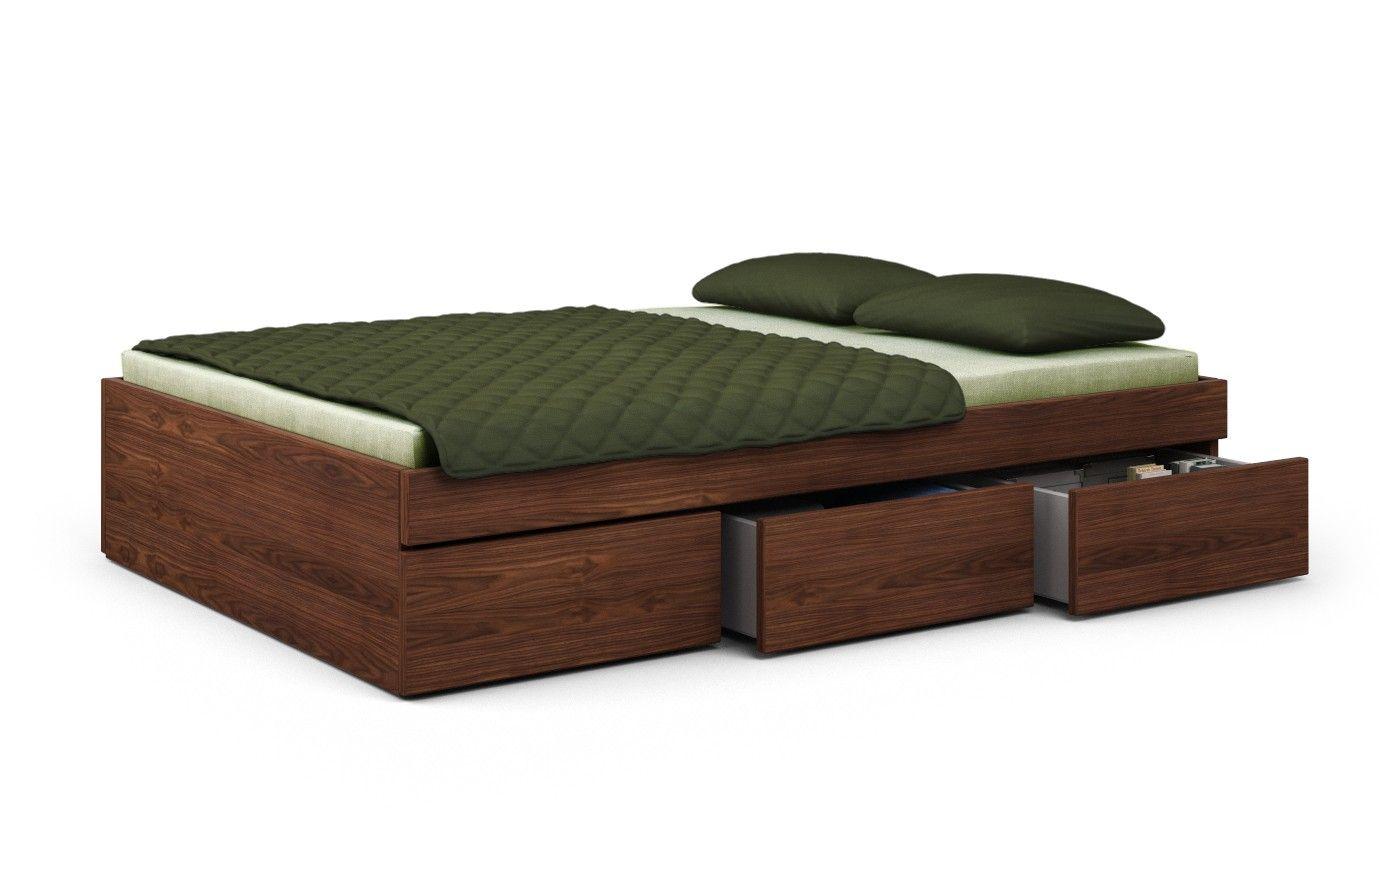 bett 120x200 guenstig affordable sam einzelbett buche wenge x cm julia auf lager with bett. Black Bedroom Furniture Sets. Home Design Ideas